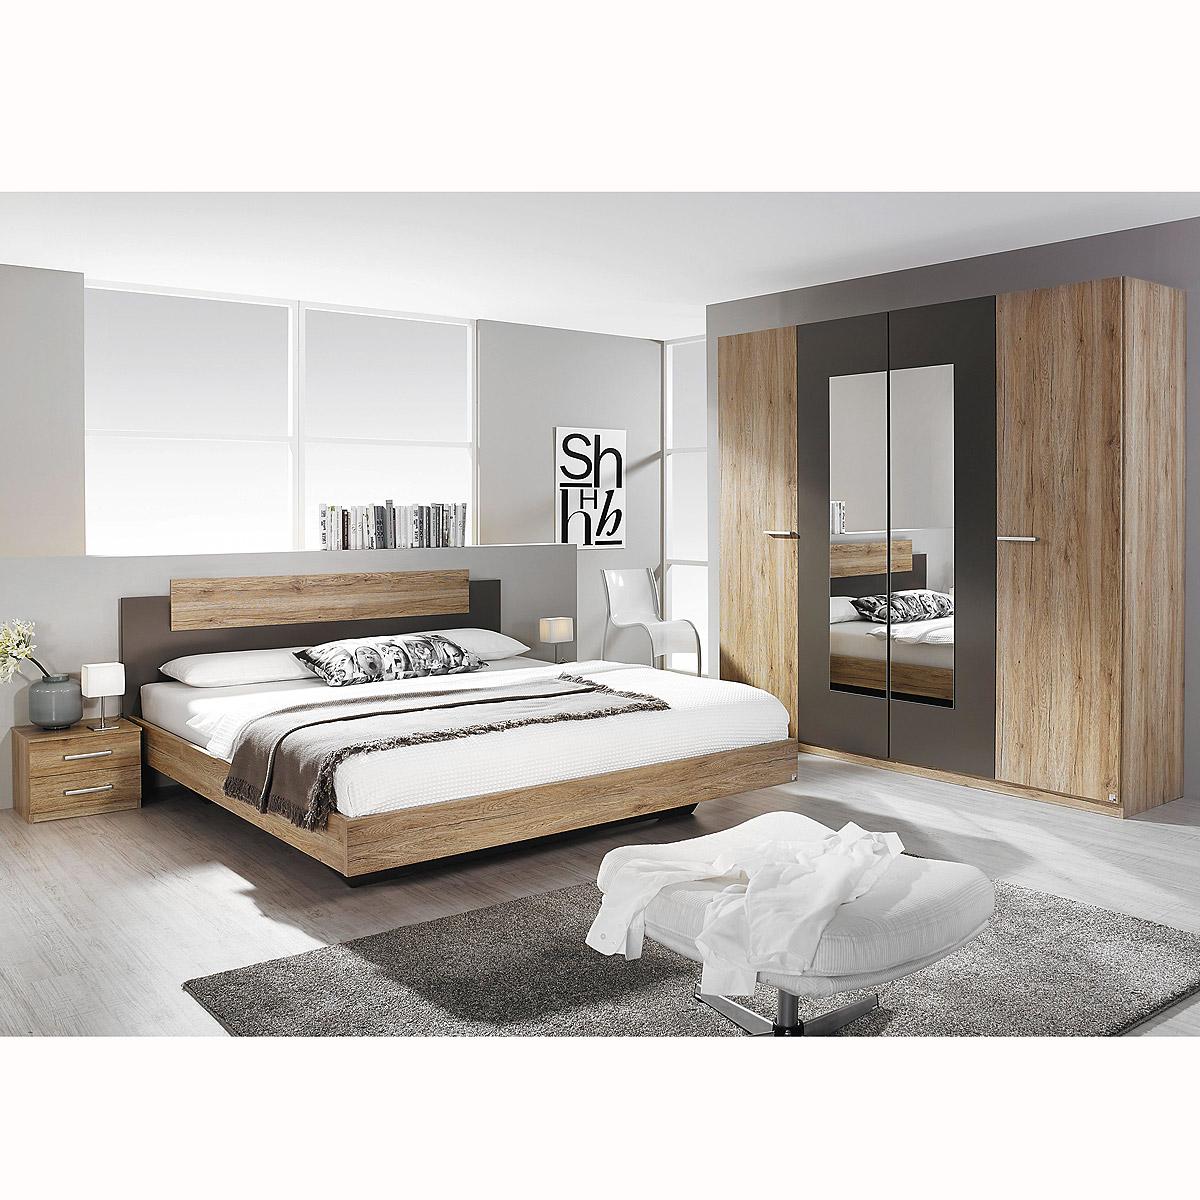 schlafzimmer set borba bett nakos kleiderschrank eiche sanremo hell lavagrau eur 399 95. Black Bedroom Furniture Sets. Home Design Ideas